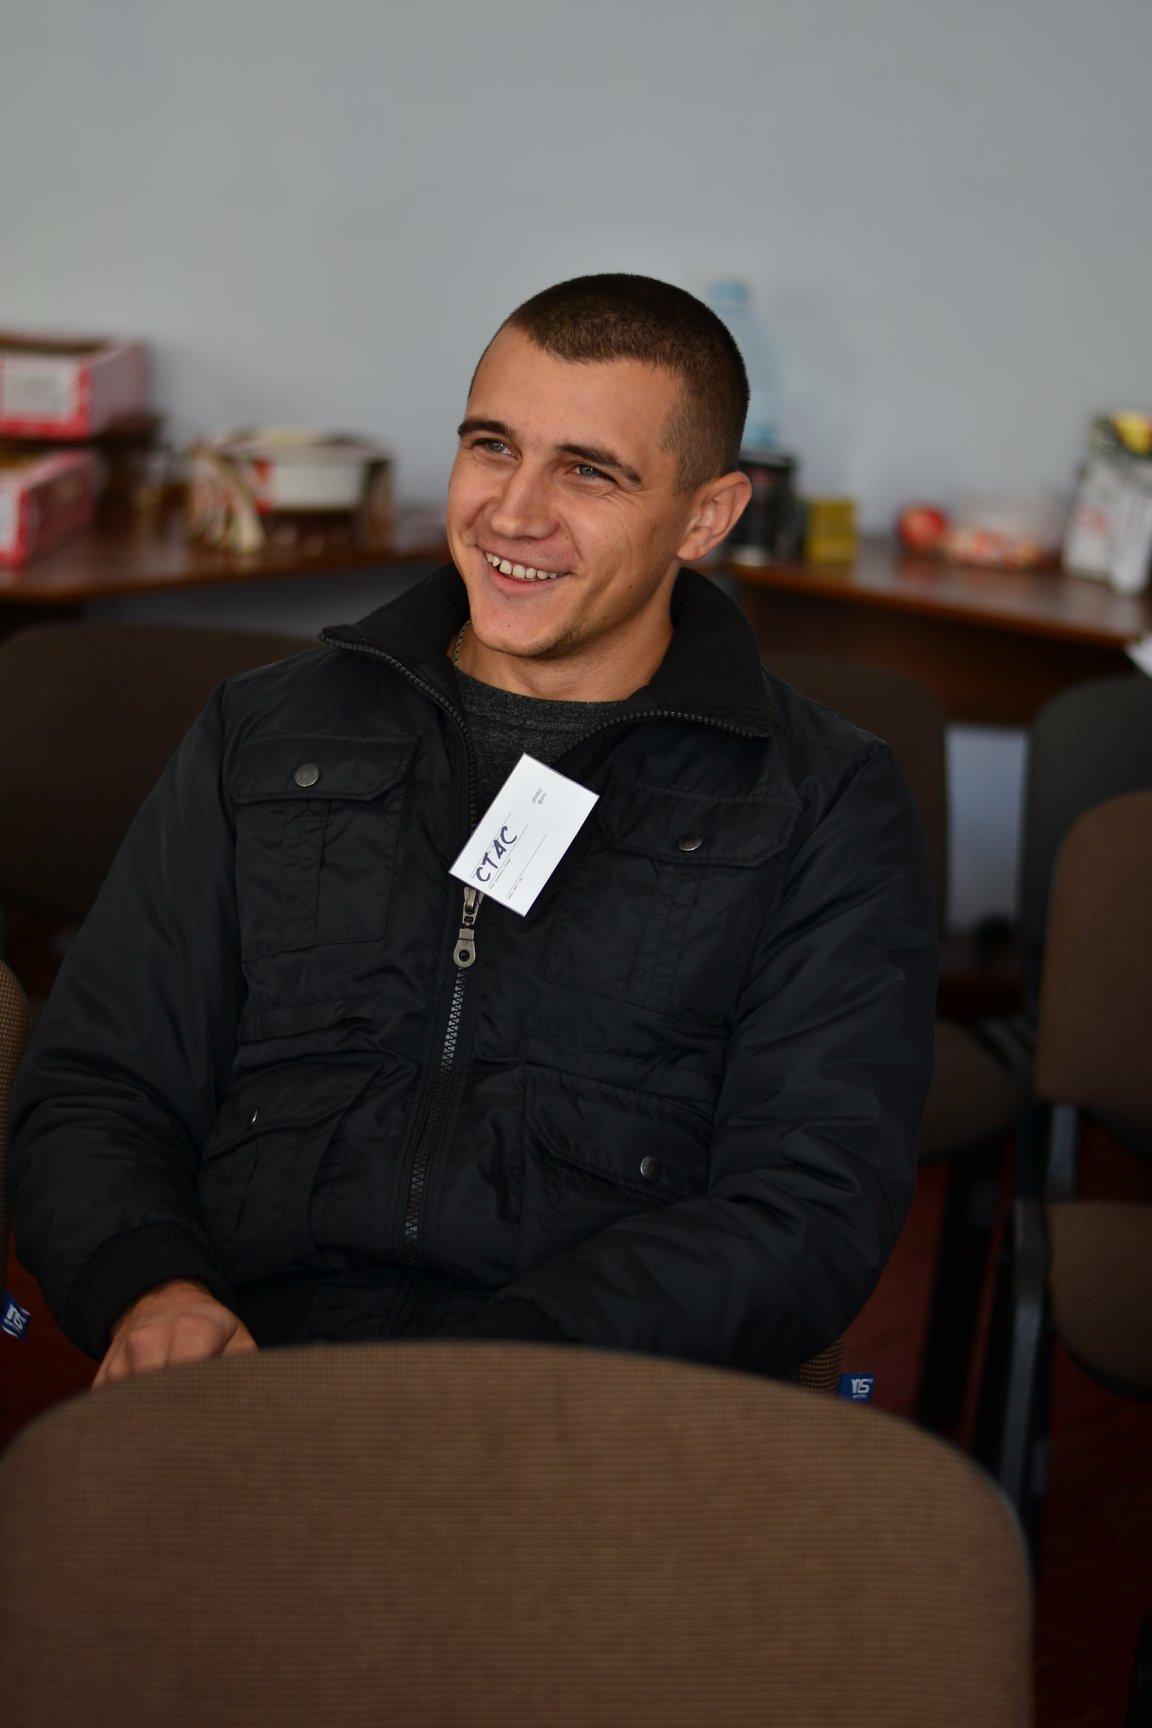 Як навчають соціальному підприємництву ветеранів АТО у Кам'янці-Подільському, фото-18